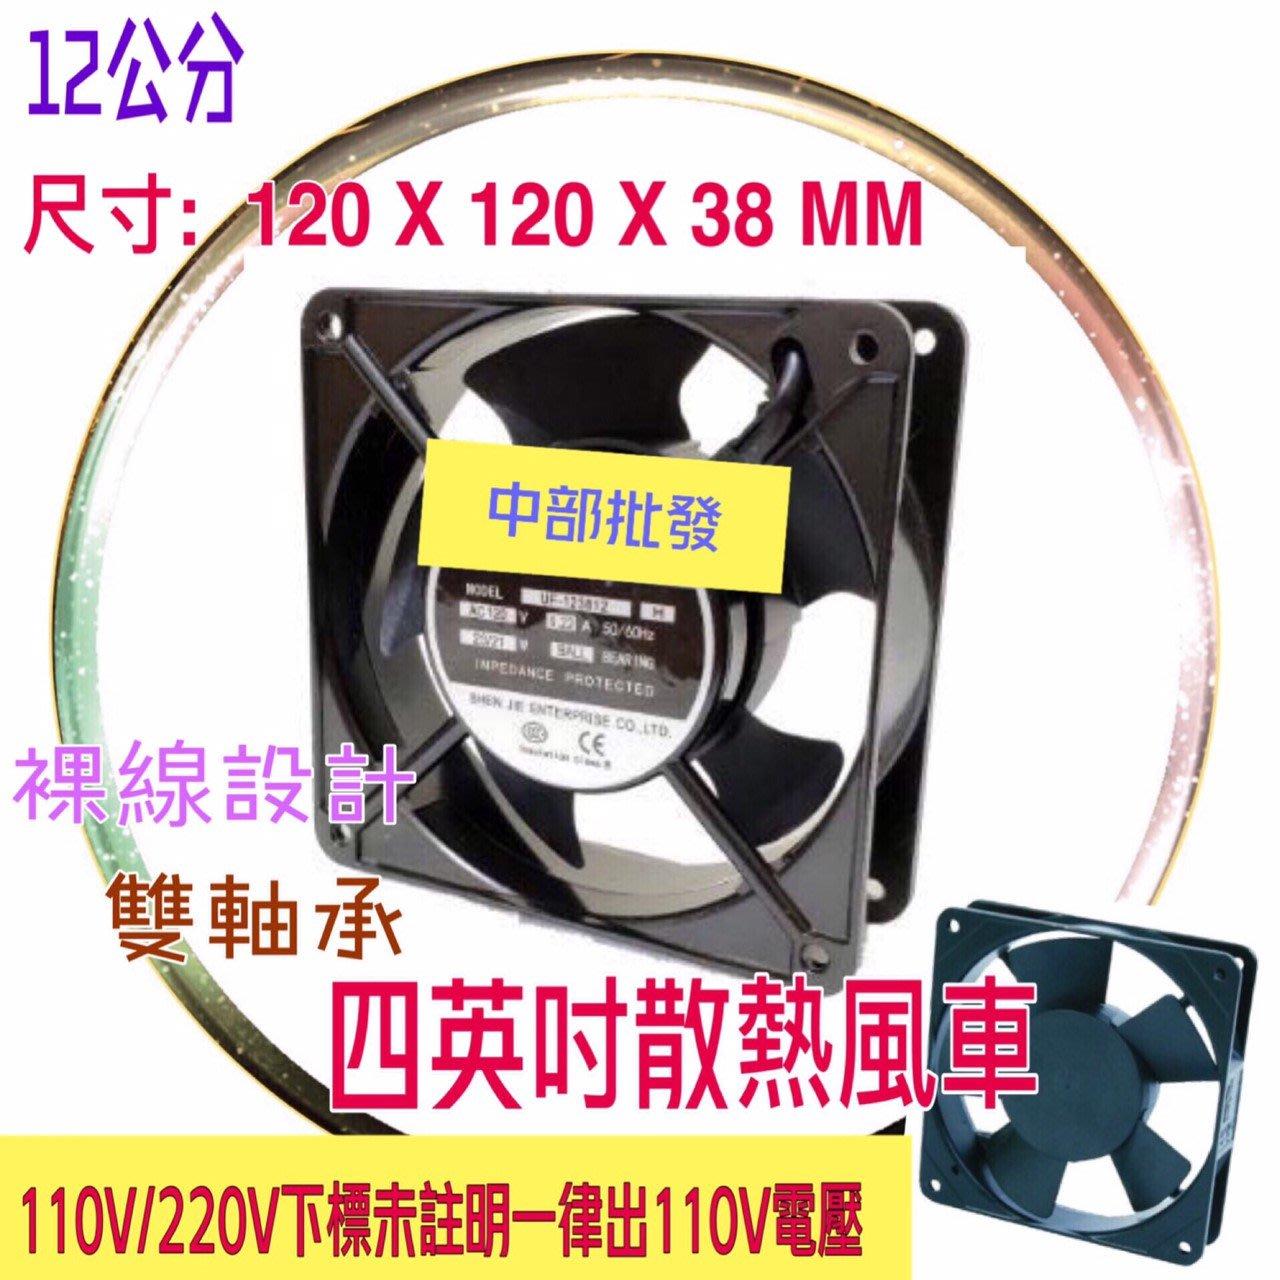 4英吋風扇 散熱風扇 四角風車 12公分 110V/220V 4吋 排風扇 4英吋 散熱風扇 風車 風扇 排風扇 抽風機